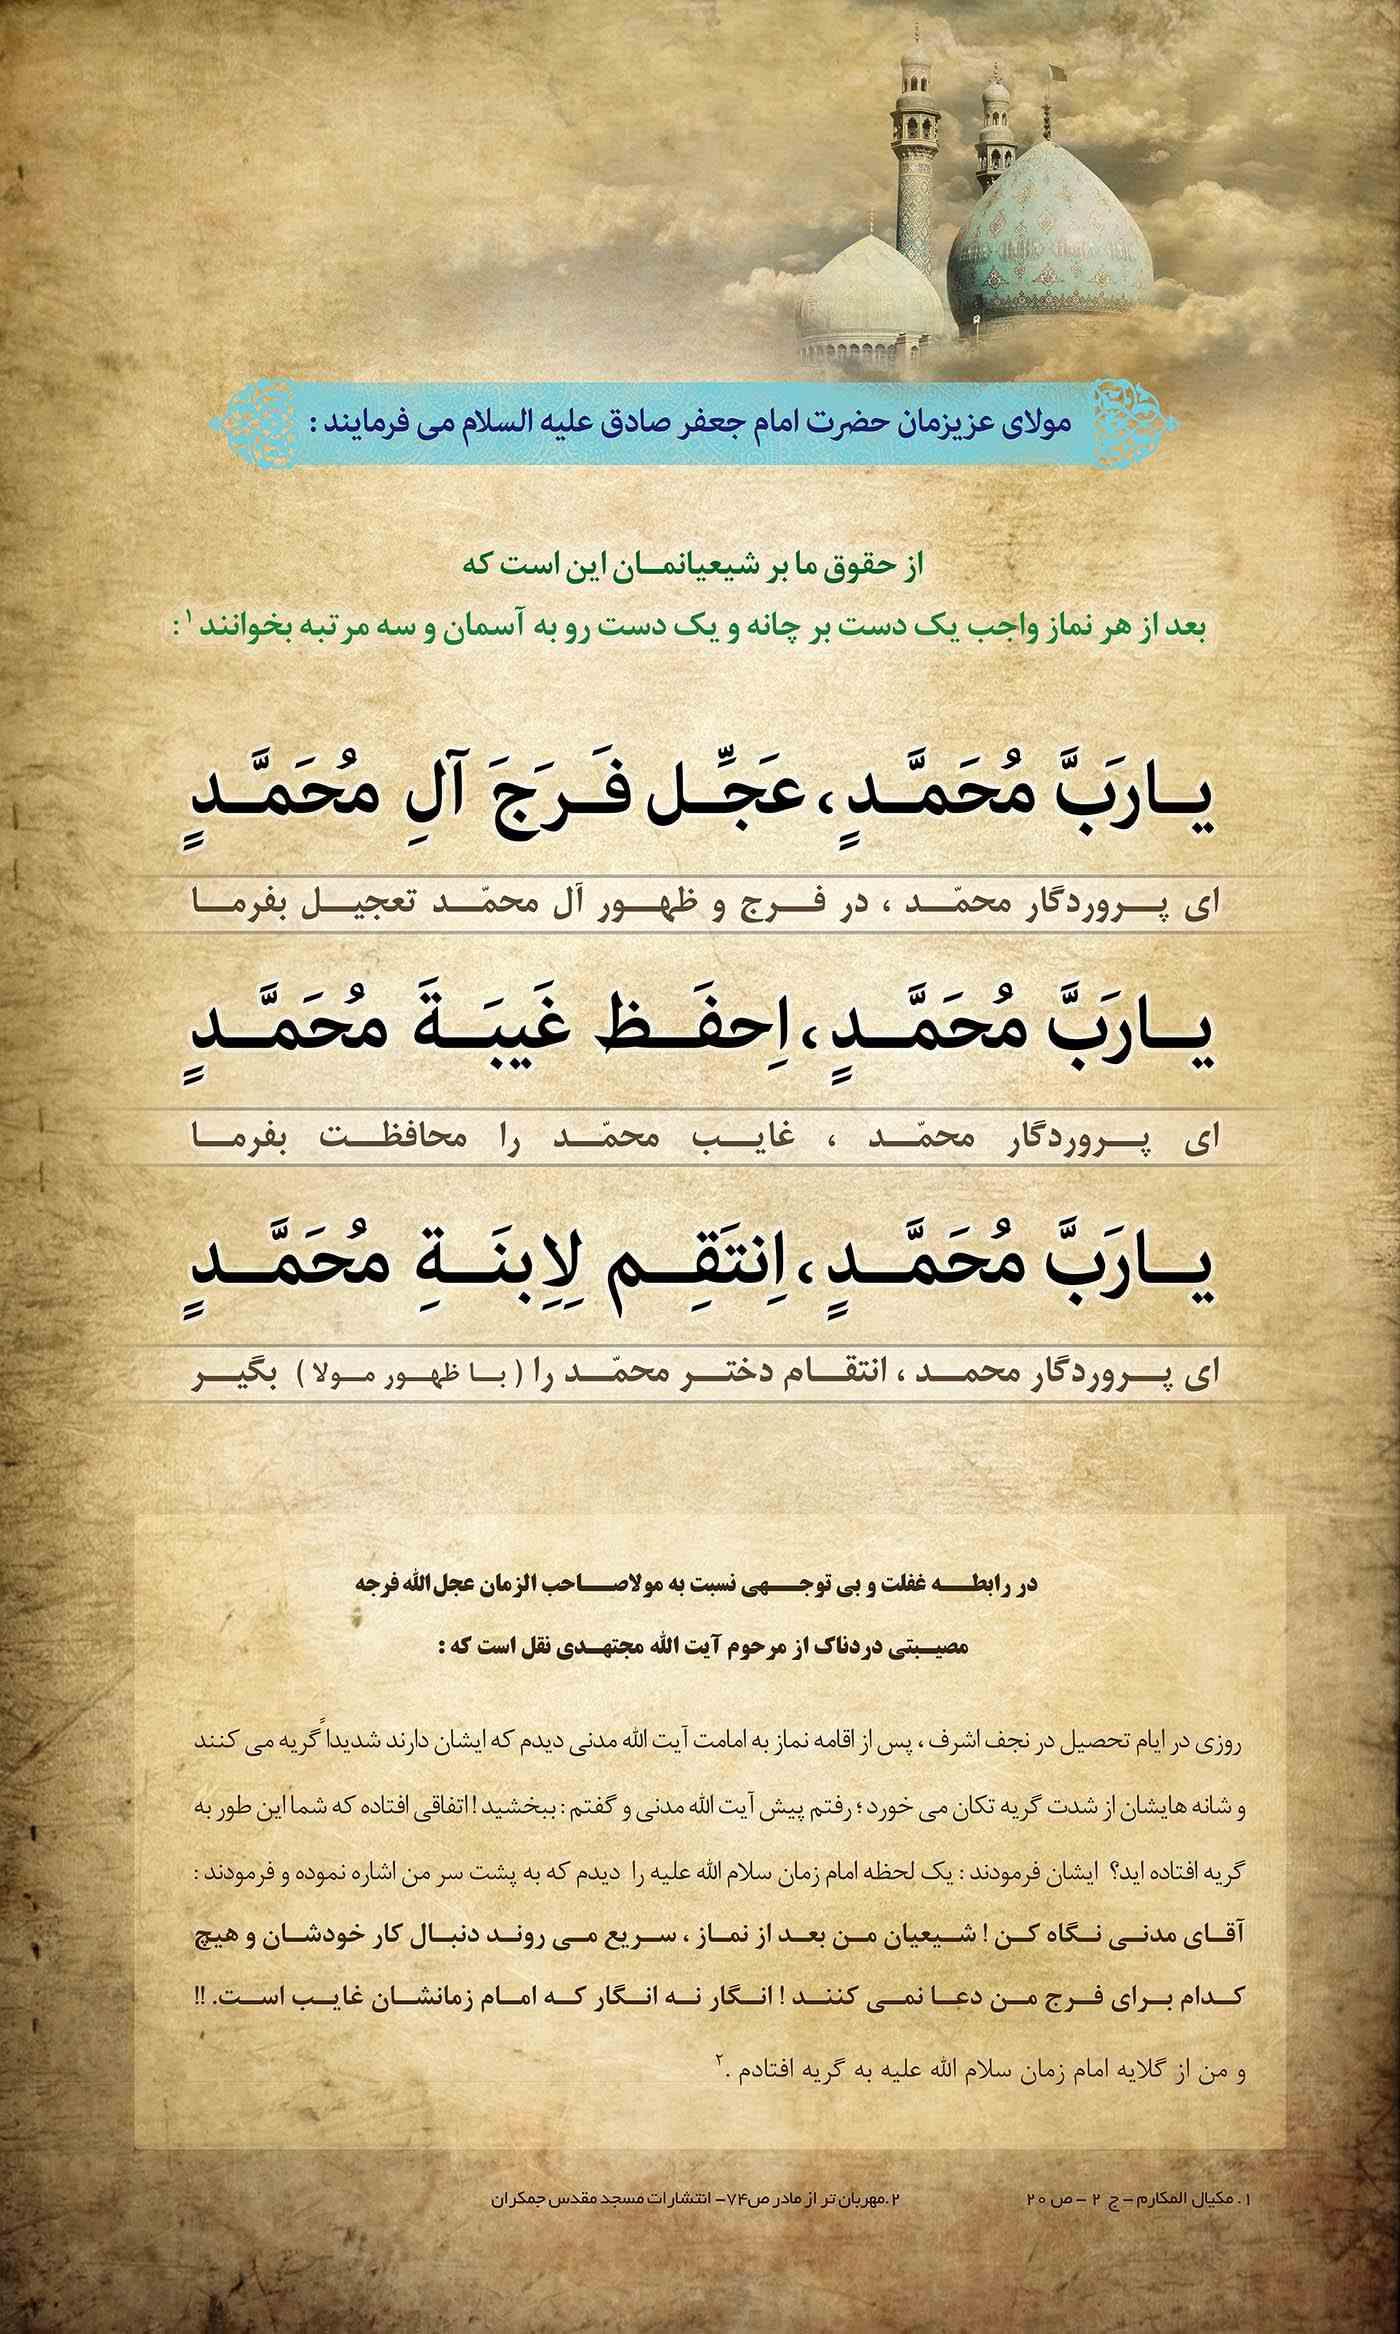 دعای یارب محمد از کتاب مکیال المکارم